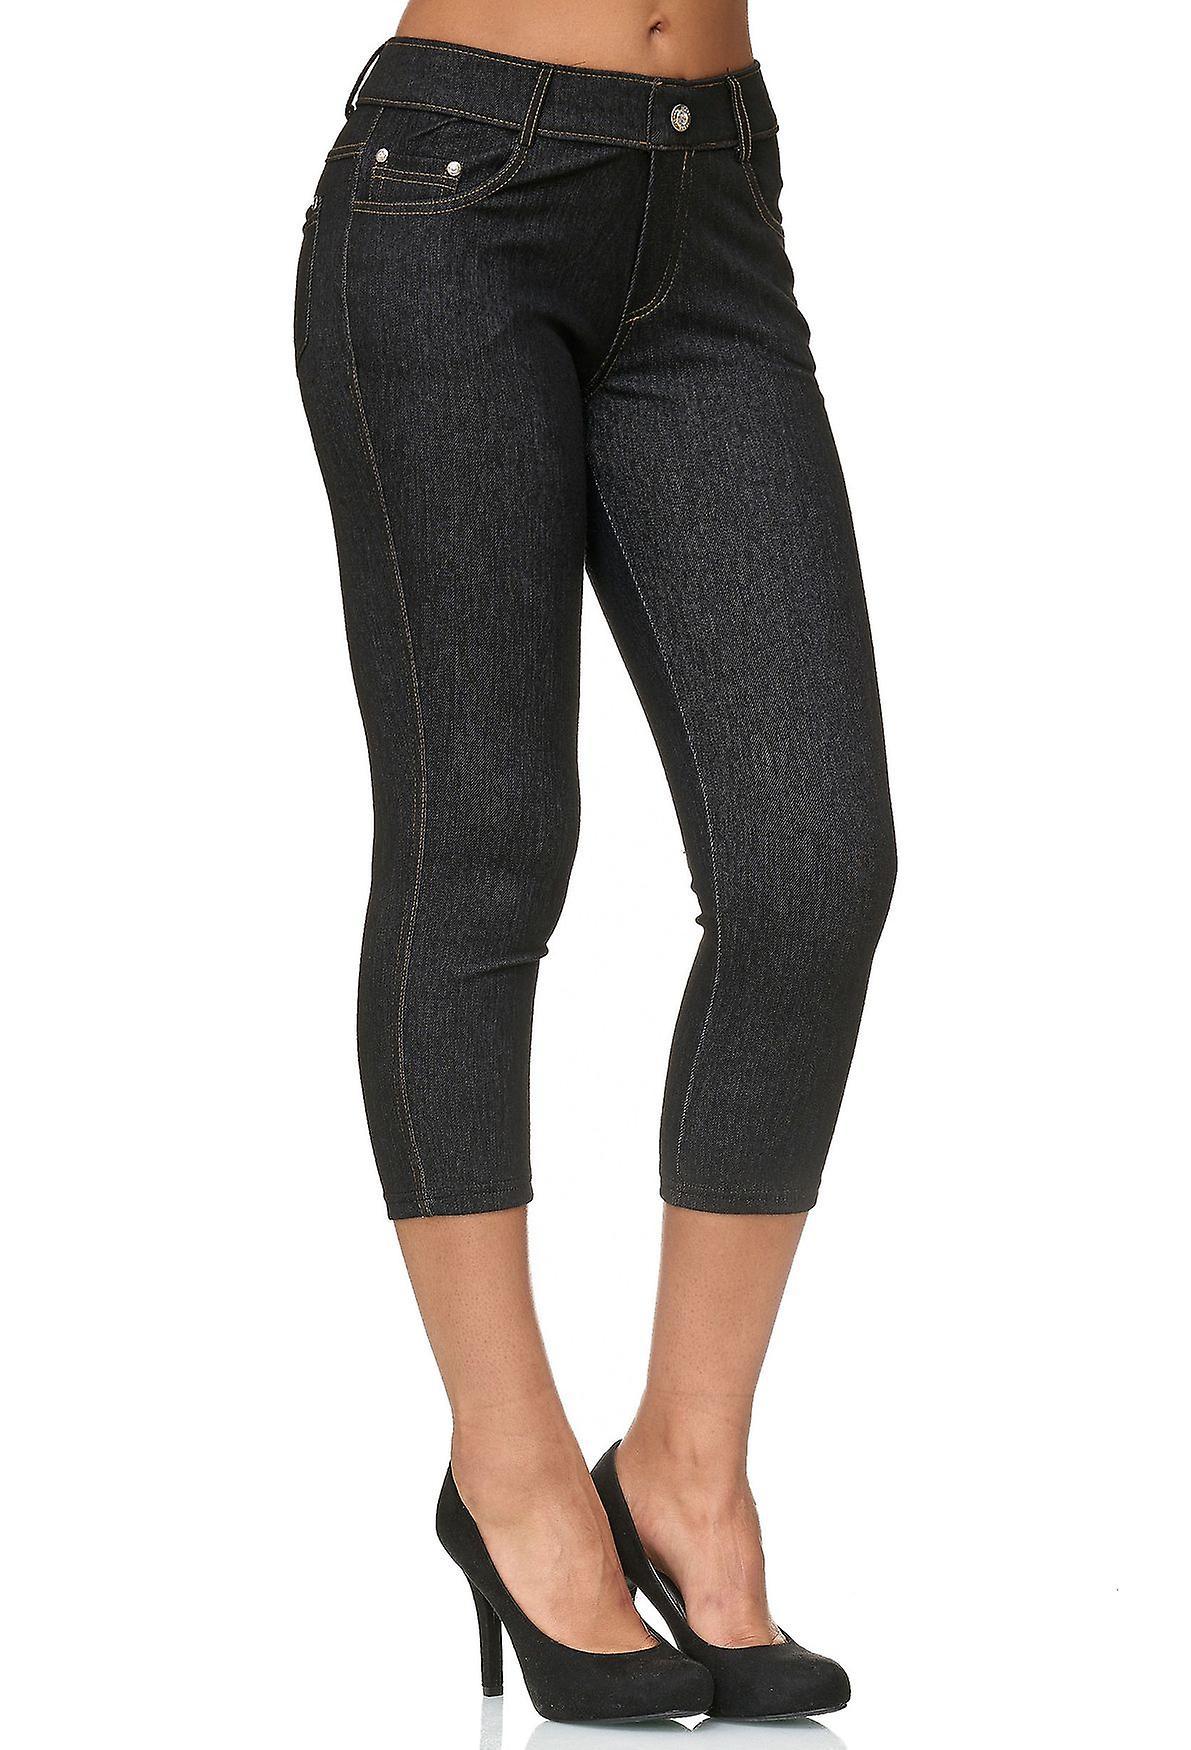 Damen Capri Hose Skinny Jeggings Hüfthose Jeans Treggings Strassstein Push Up